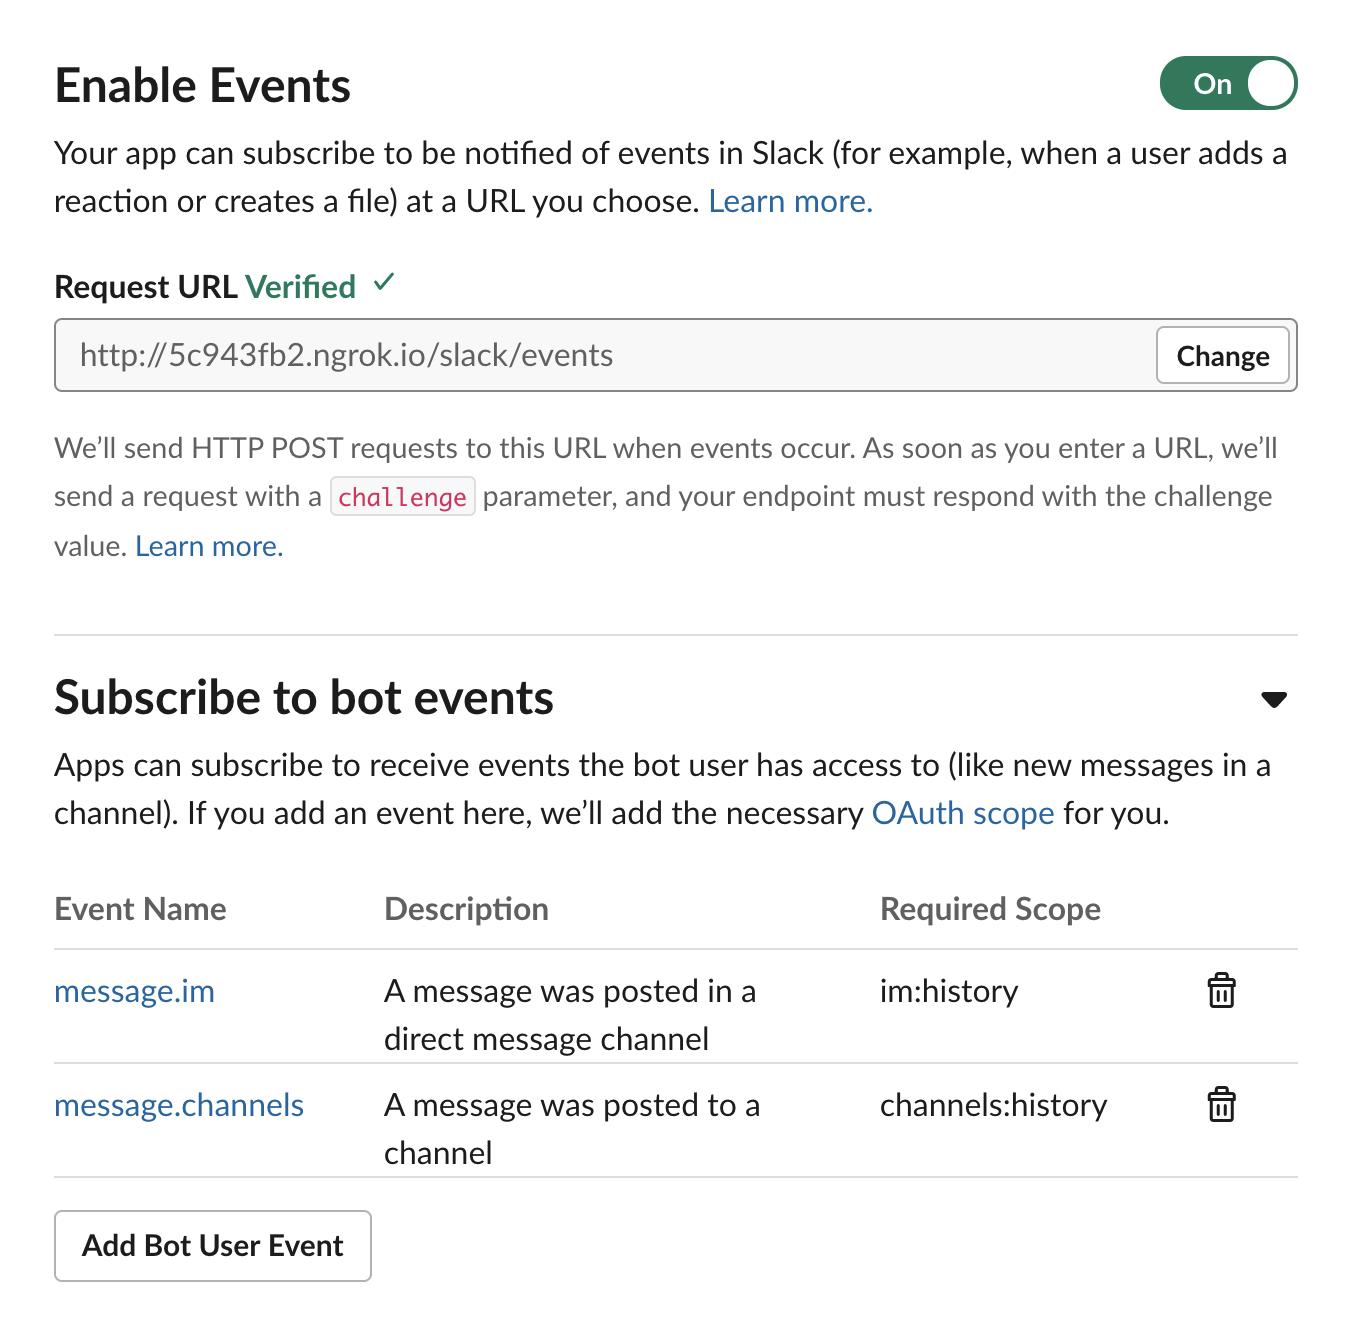 활성화된 슬랙 앱 이벤트 설정 화면